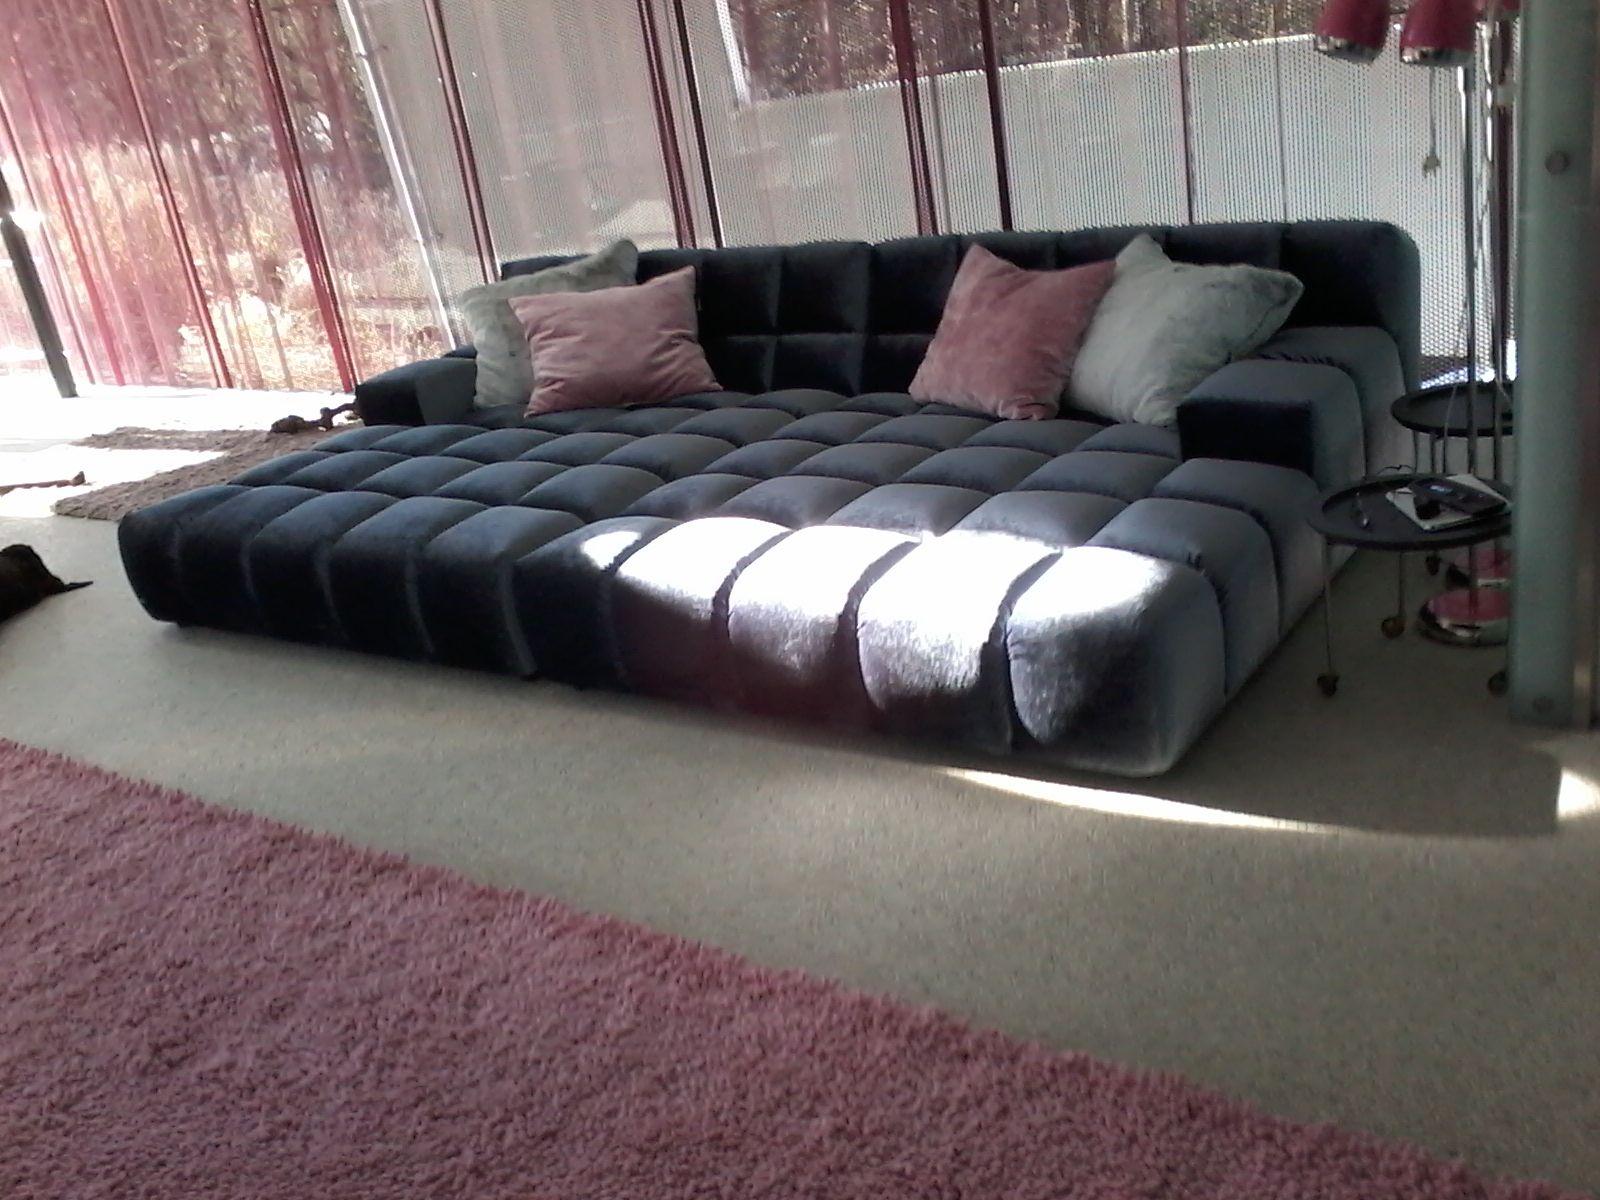 Bretz Ocean 7 Tv Sofa By Zetelboetiek Bretz Belgium Home Cinema Room Deep Couch Home Theater Seating